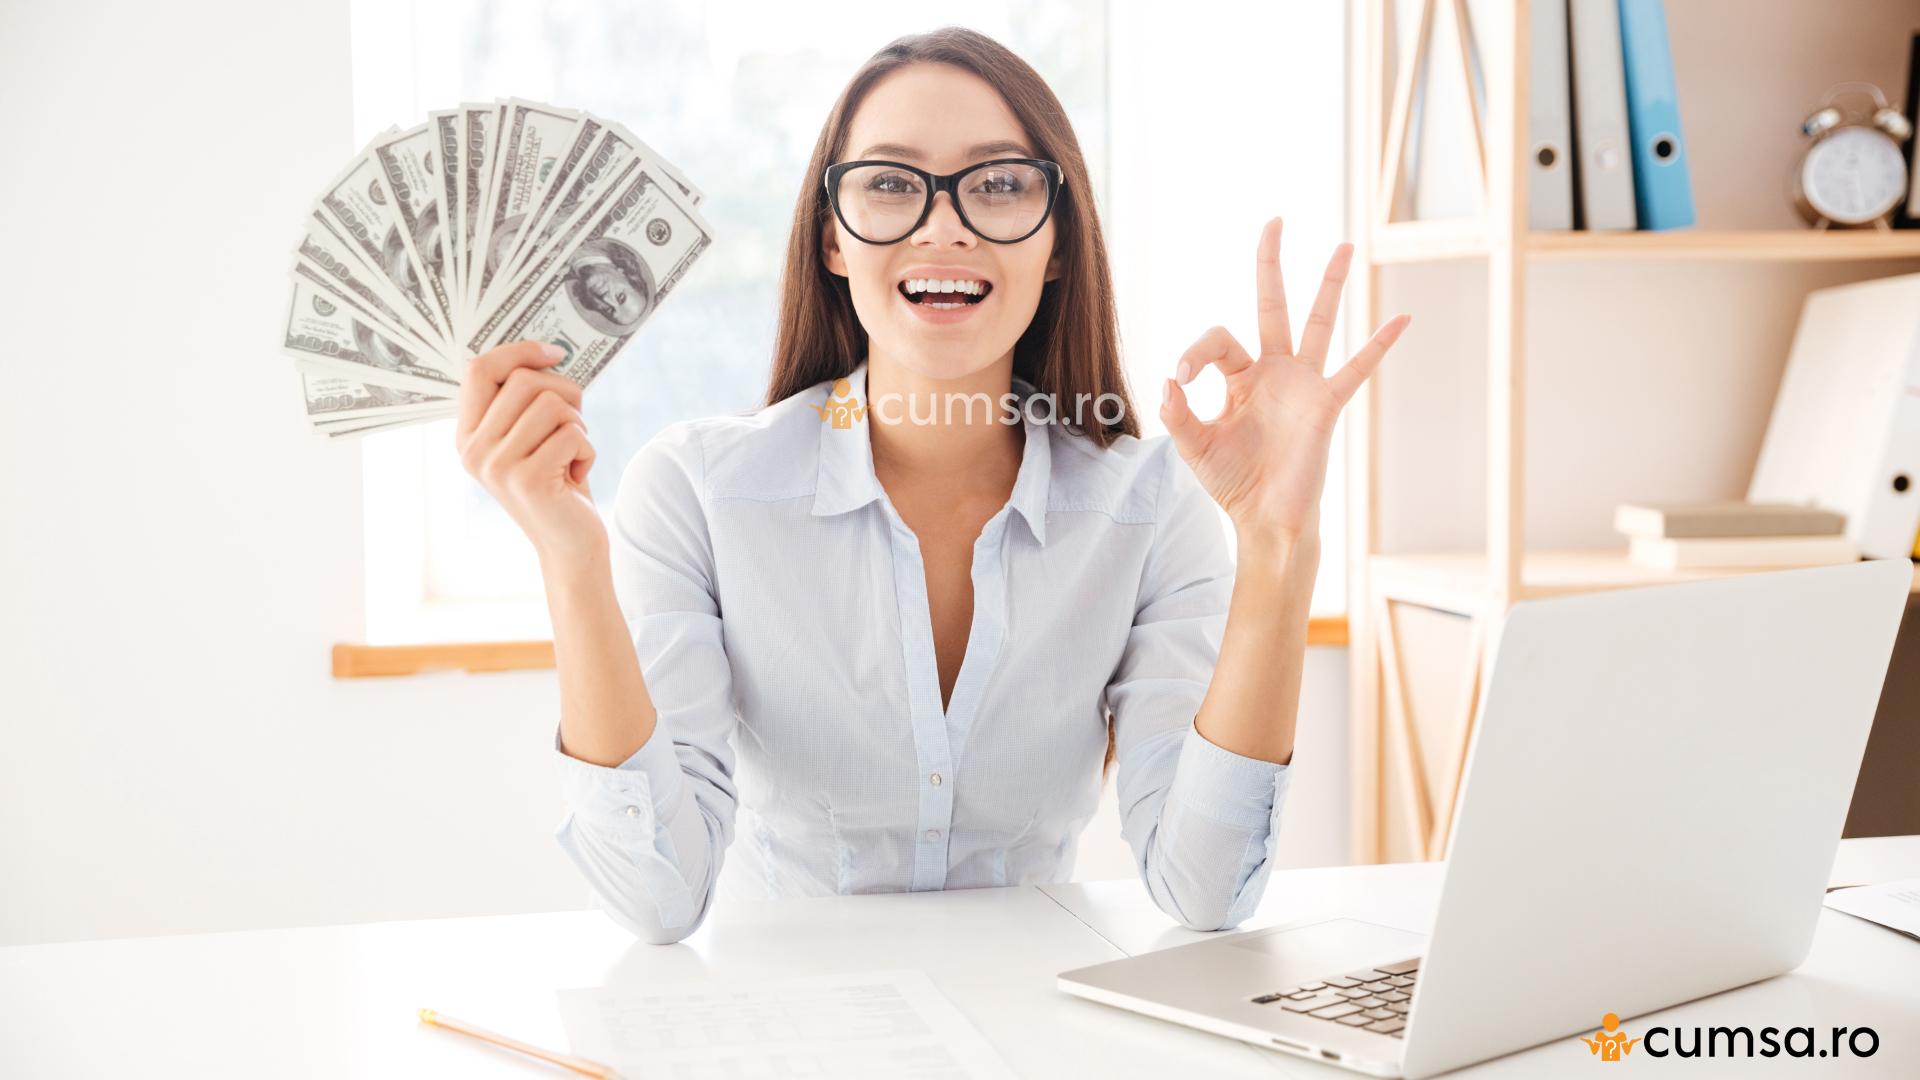 idei cum să faci bani acasă, nu pe Internet)